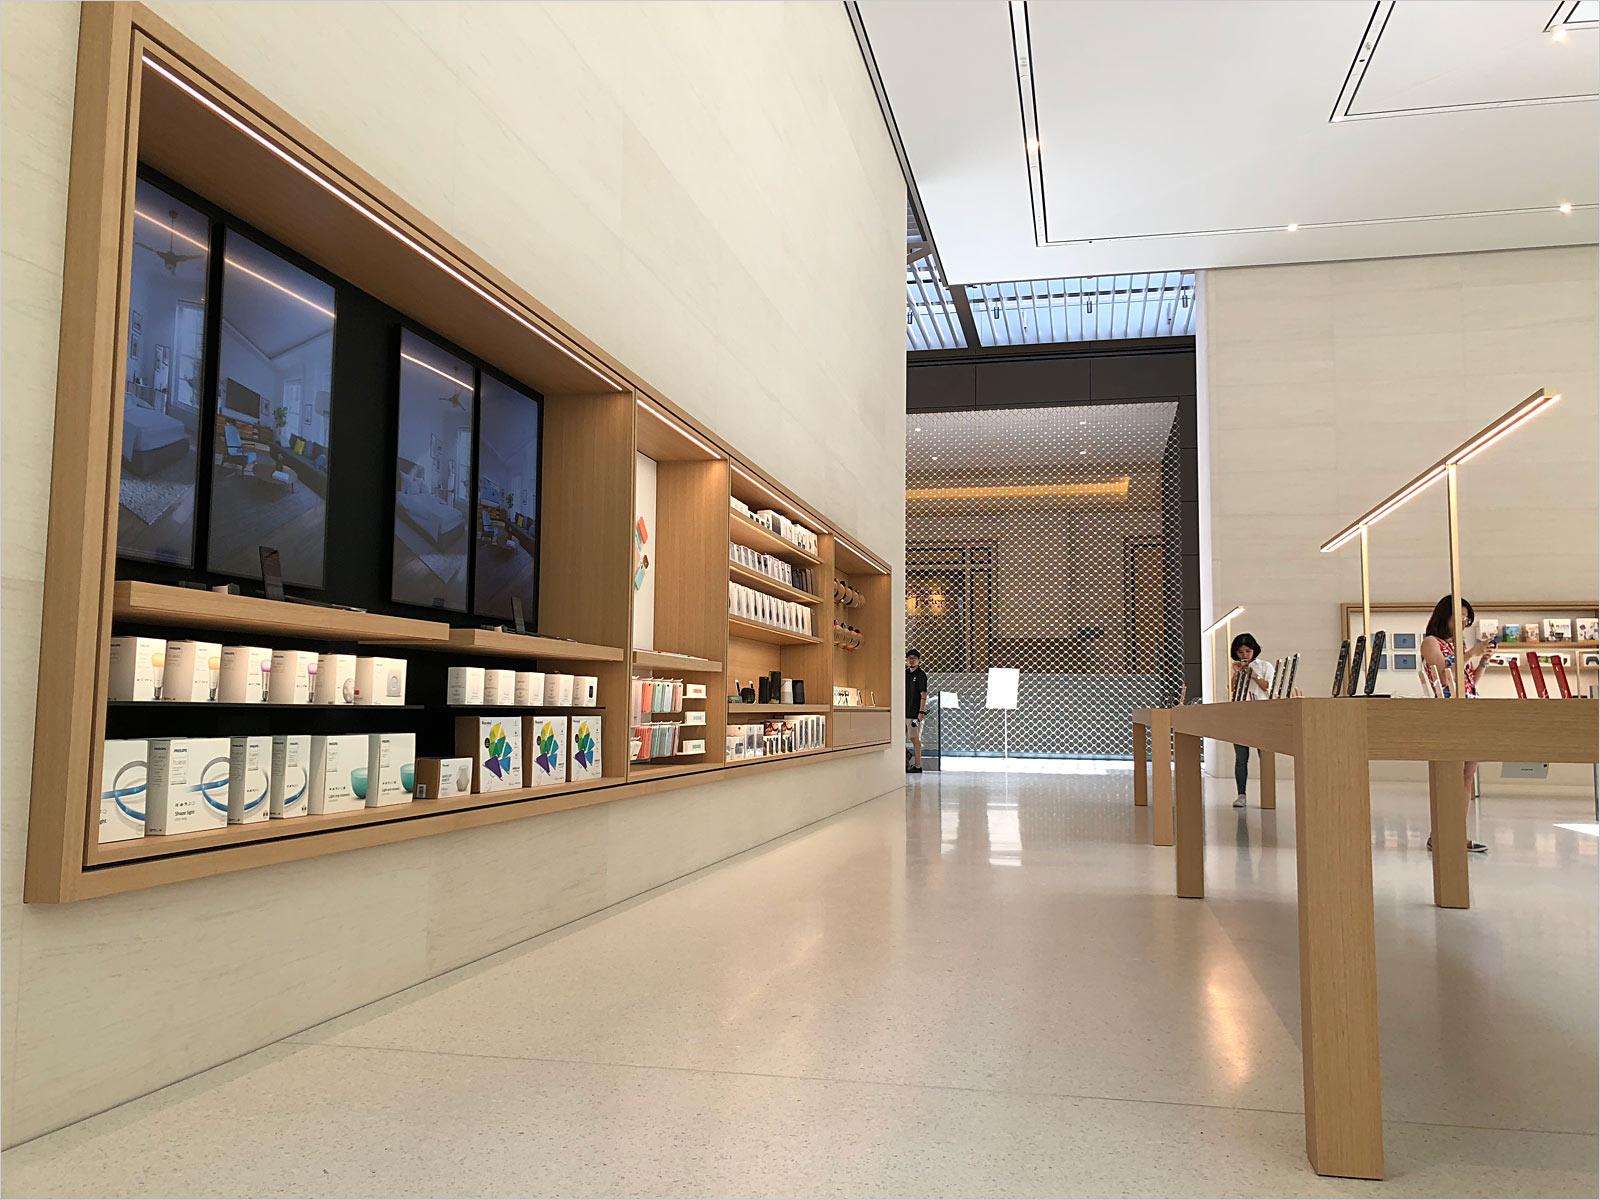 大中华区第50家苹果零售店落户澳门金沙:创多项第一